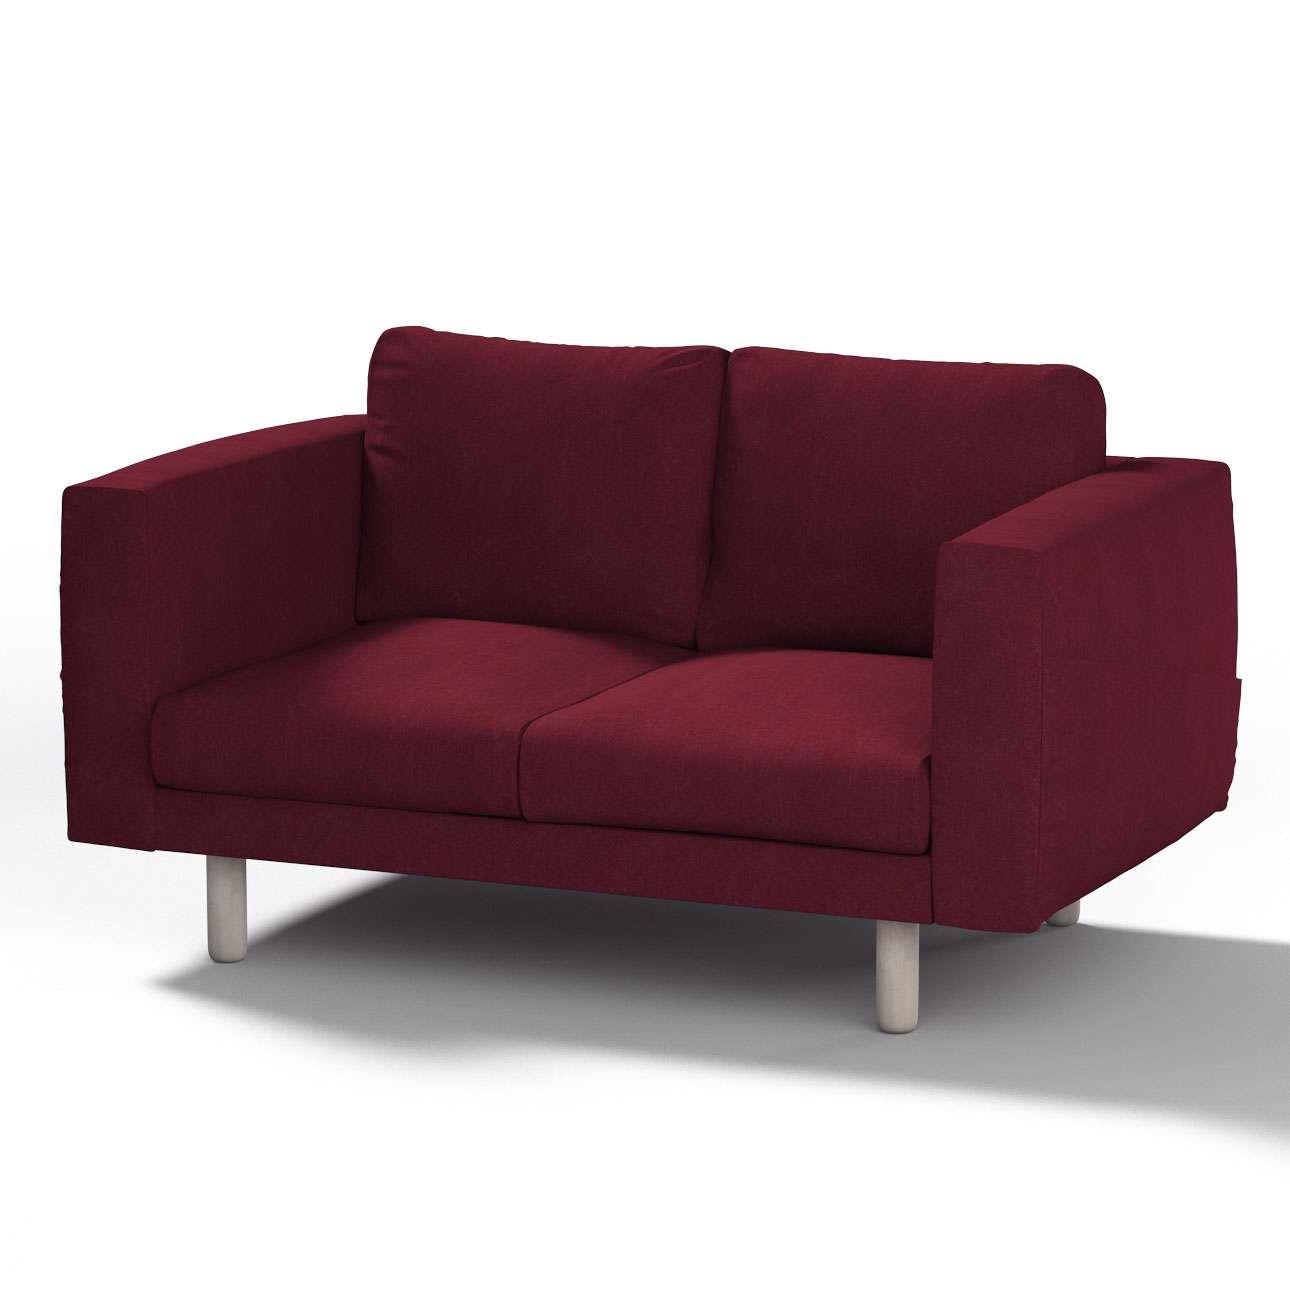 Pokrowiec na sofę Norsborg 2-osobową w kolekcji Chenille, tkanina: 702-19